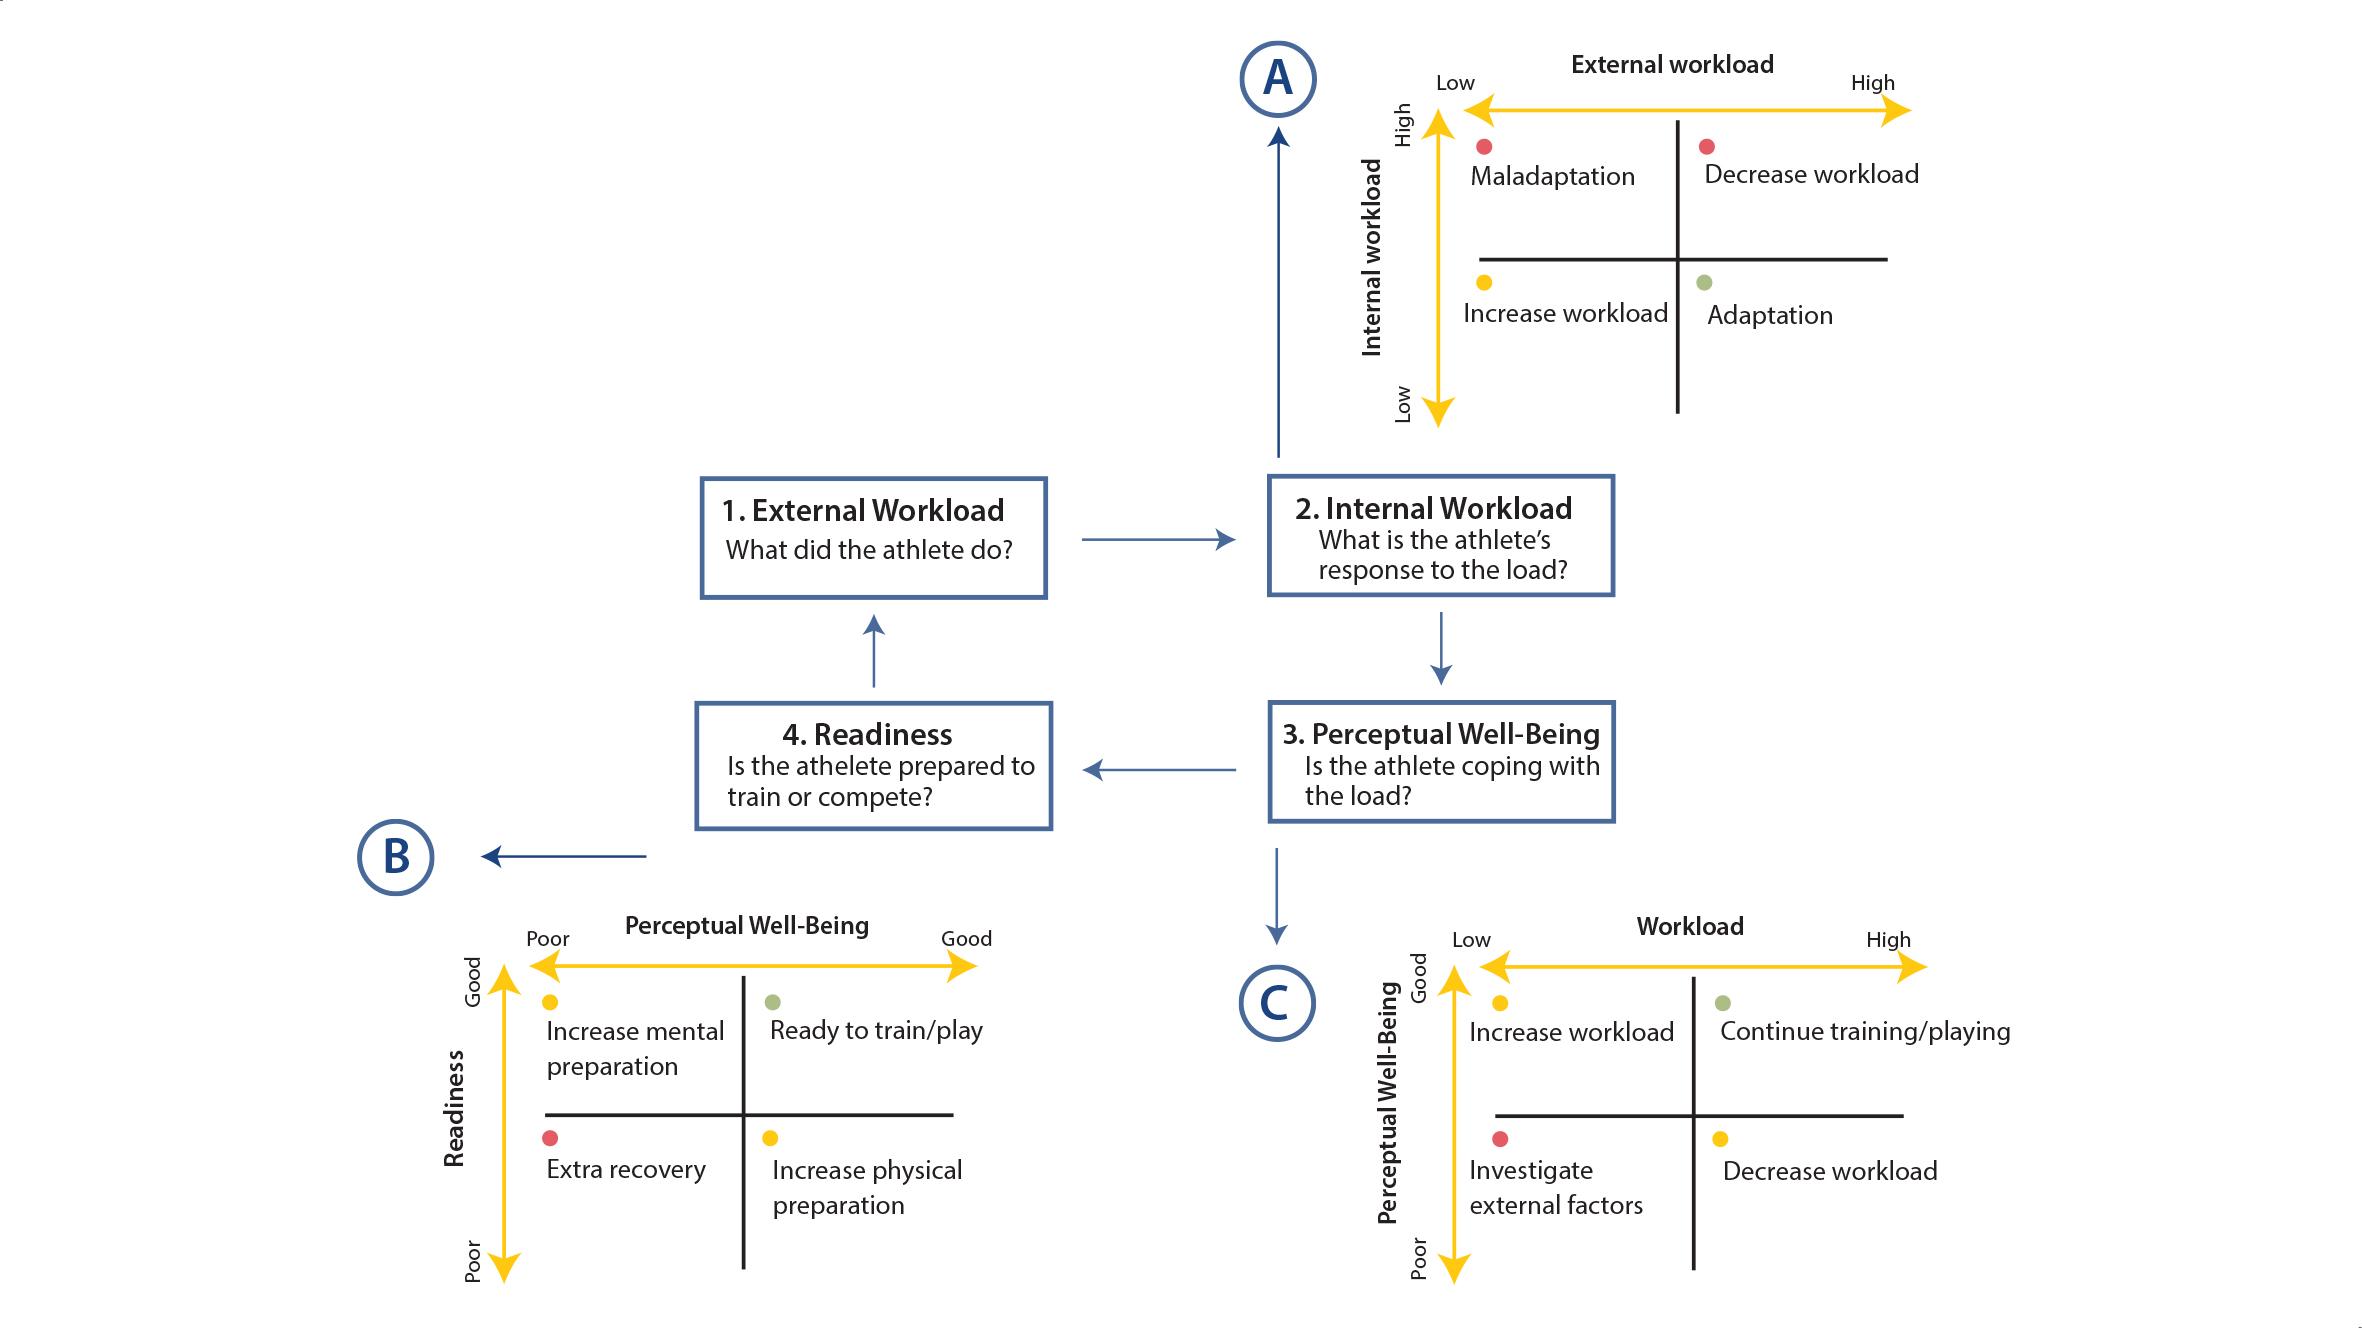 Figura 3. Cicle de seguiment de l'esportista. Model proposat per Gabbett et al. (2017).